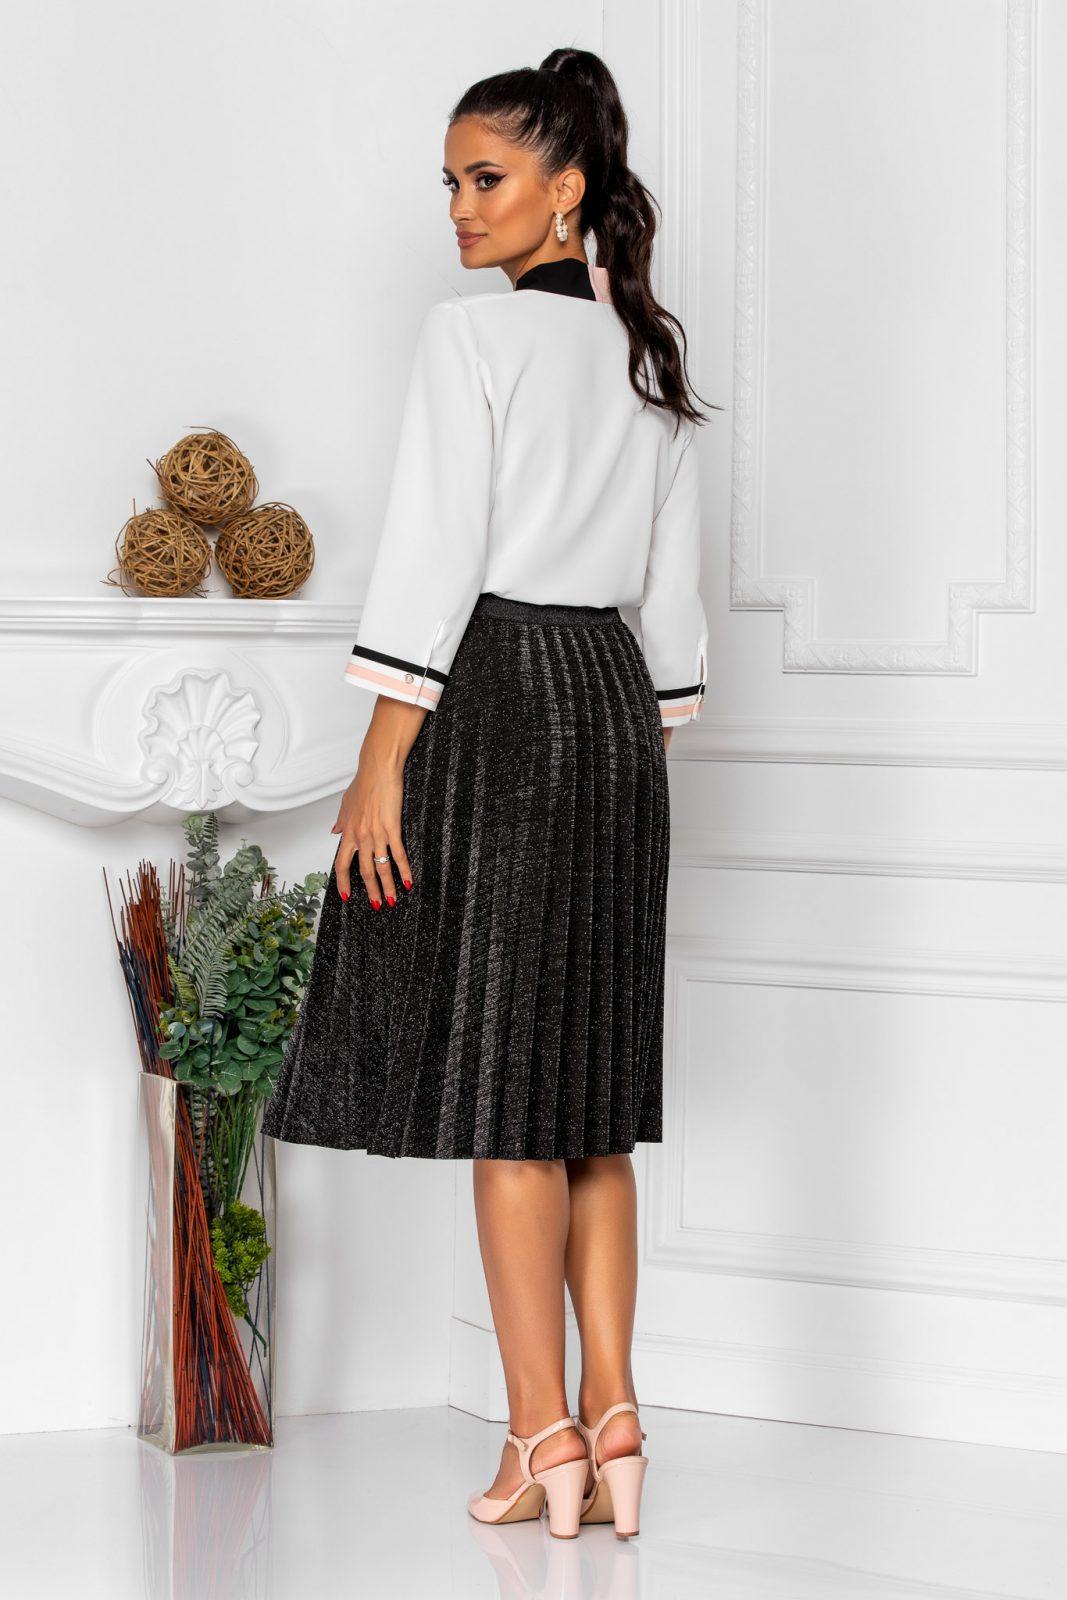 Λευκή Μπλούζα Με Γραβάτα Lya 8348